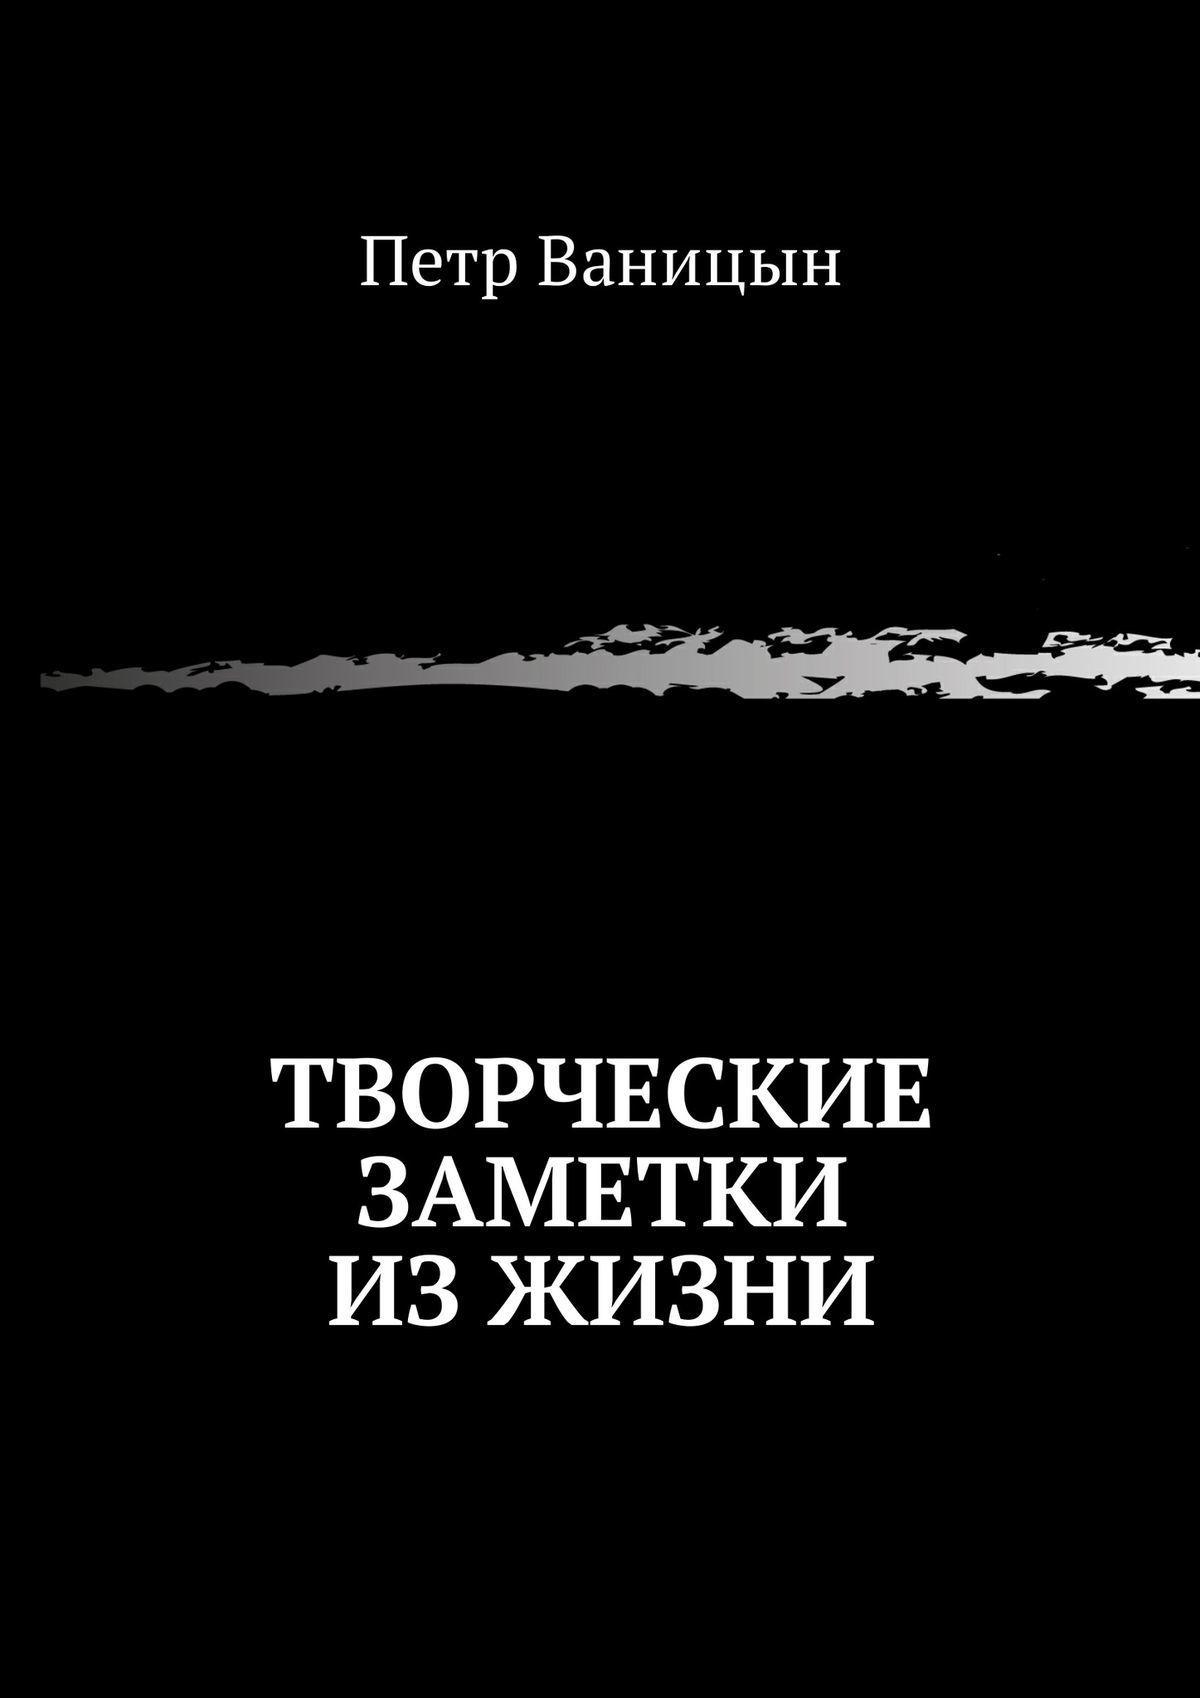 Петр Ваницын Творческие заметки изжизни петр ваницын ангельскийсвет sunlight